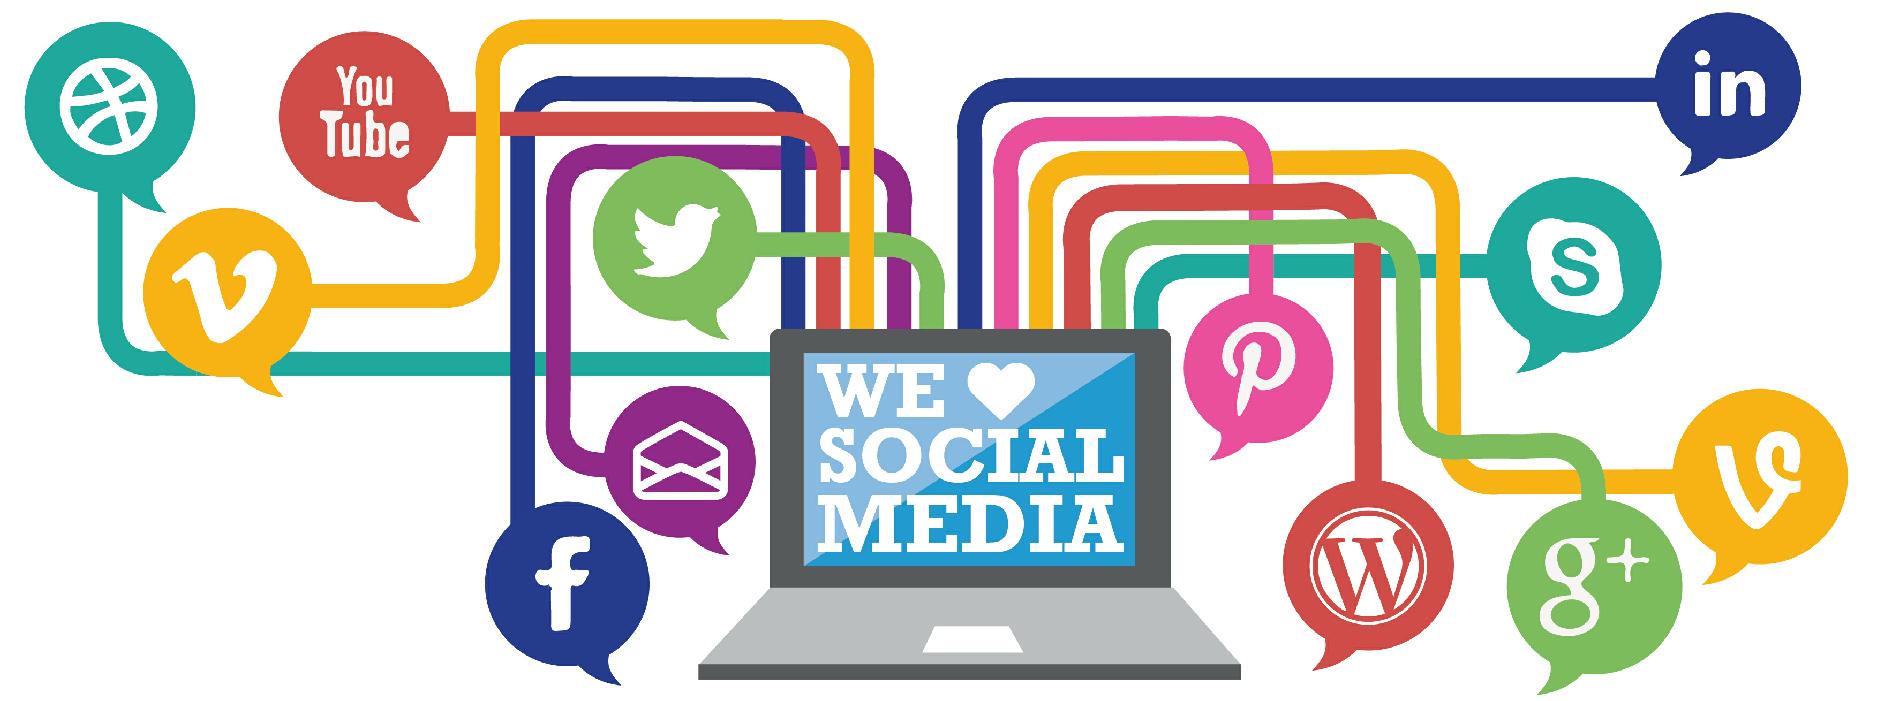 social media 3b